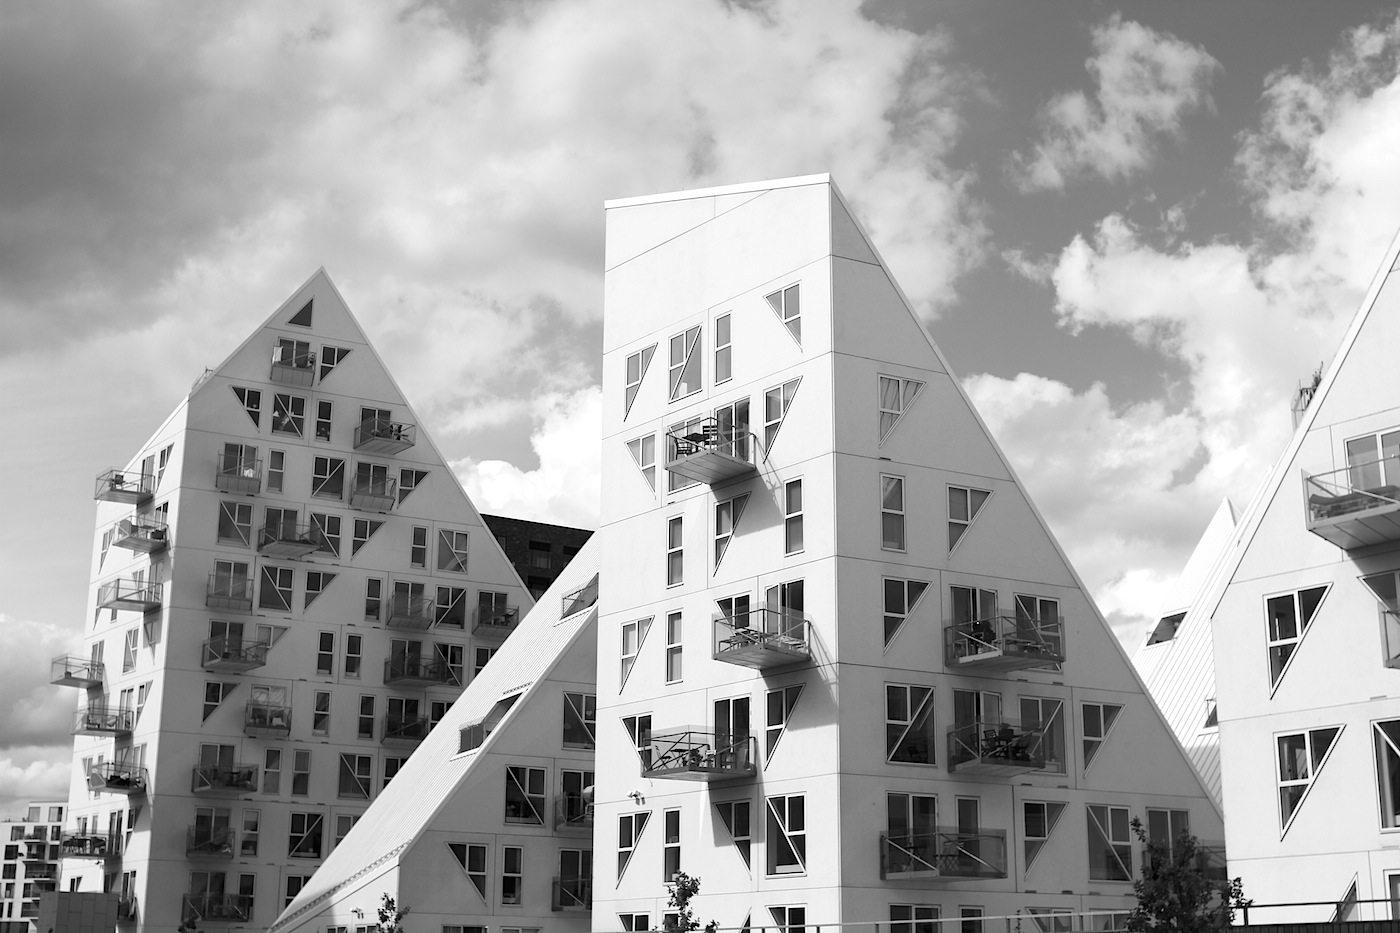 Der Eisberg. Die Stadt hat für ein Drittel der Wohnungen eine Mietpreisobergrenze festgelegt mit dem Ziel der sozialen Durchmischung. Die weiße Metalldeckung der großen Dachflächen ist mit Titandioxid beschichtet, die Schadstoffe aus der Luft filtern.